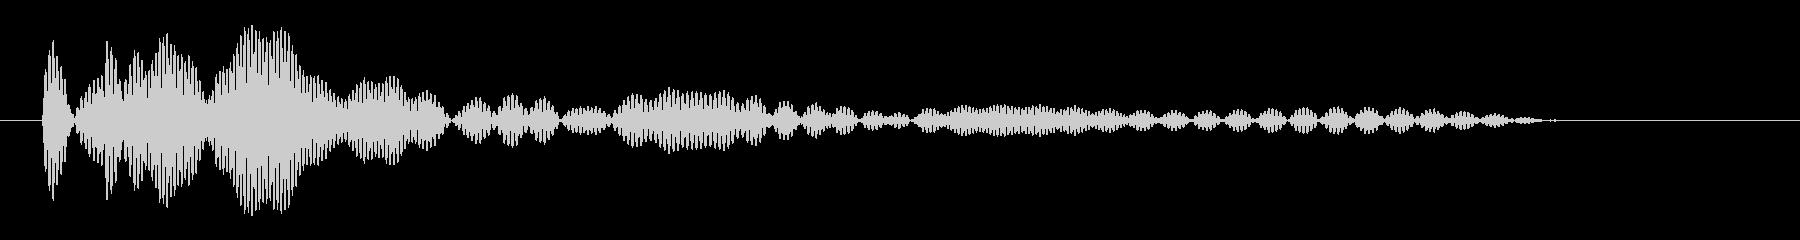 立体的に響く印象の音の未再生の波形